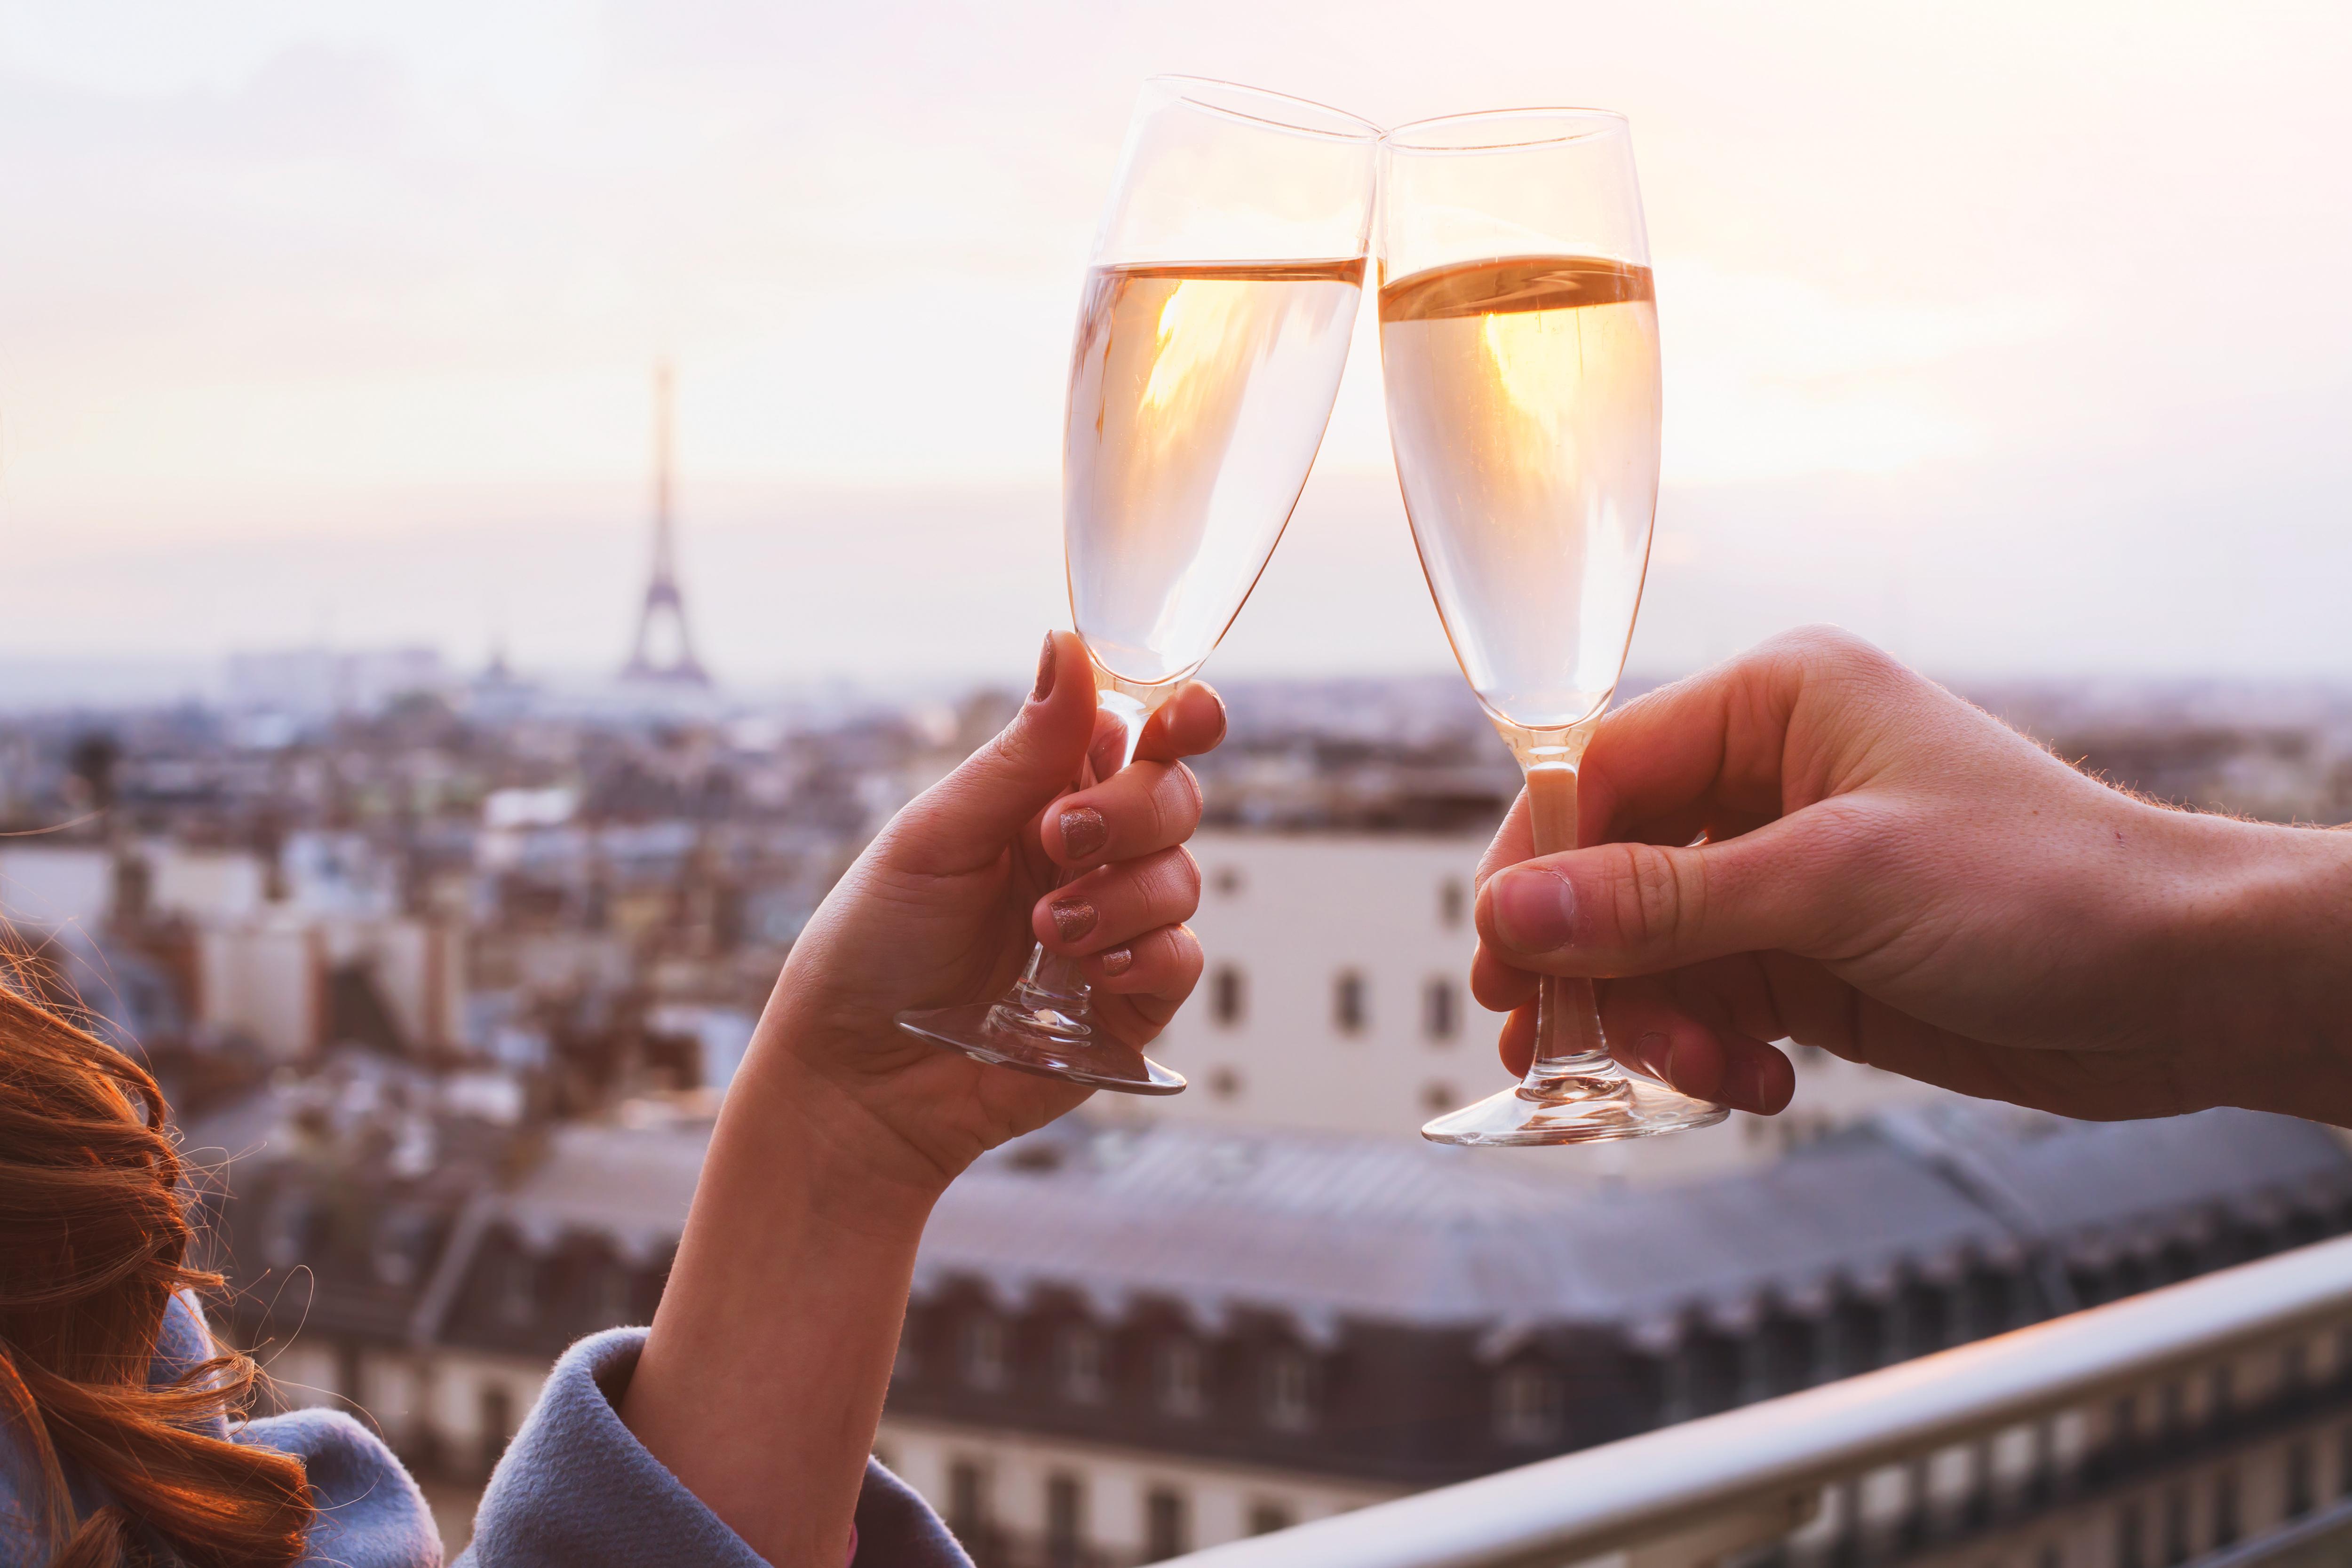 #Paris #dating #kikidating #France